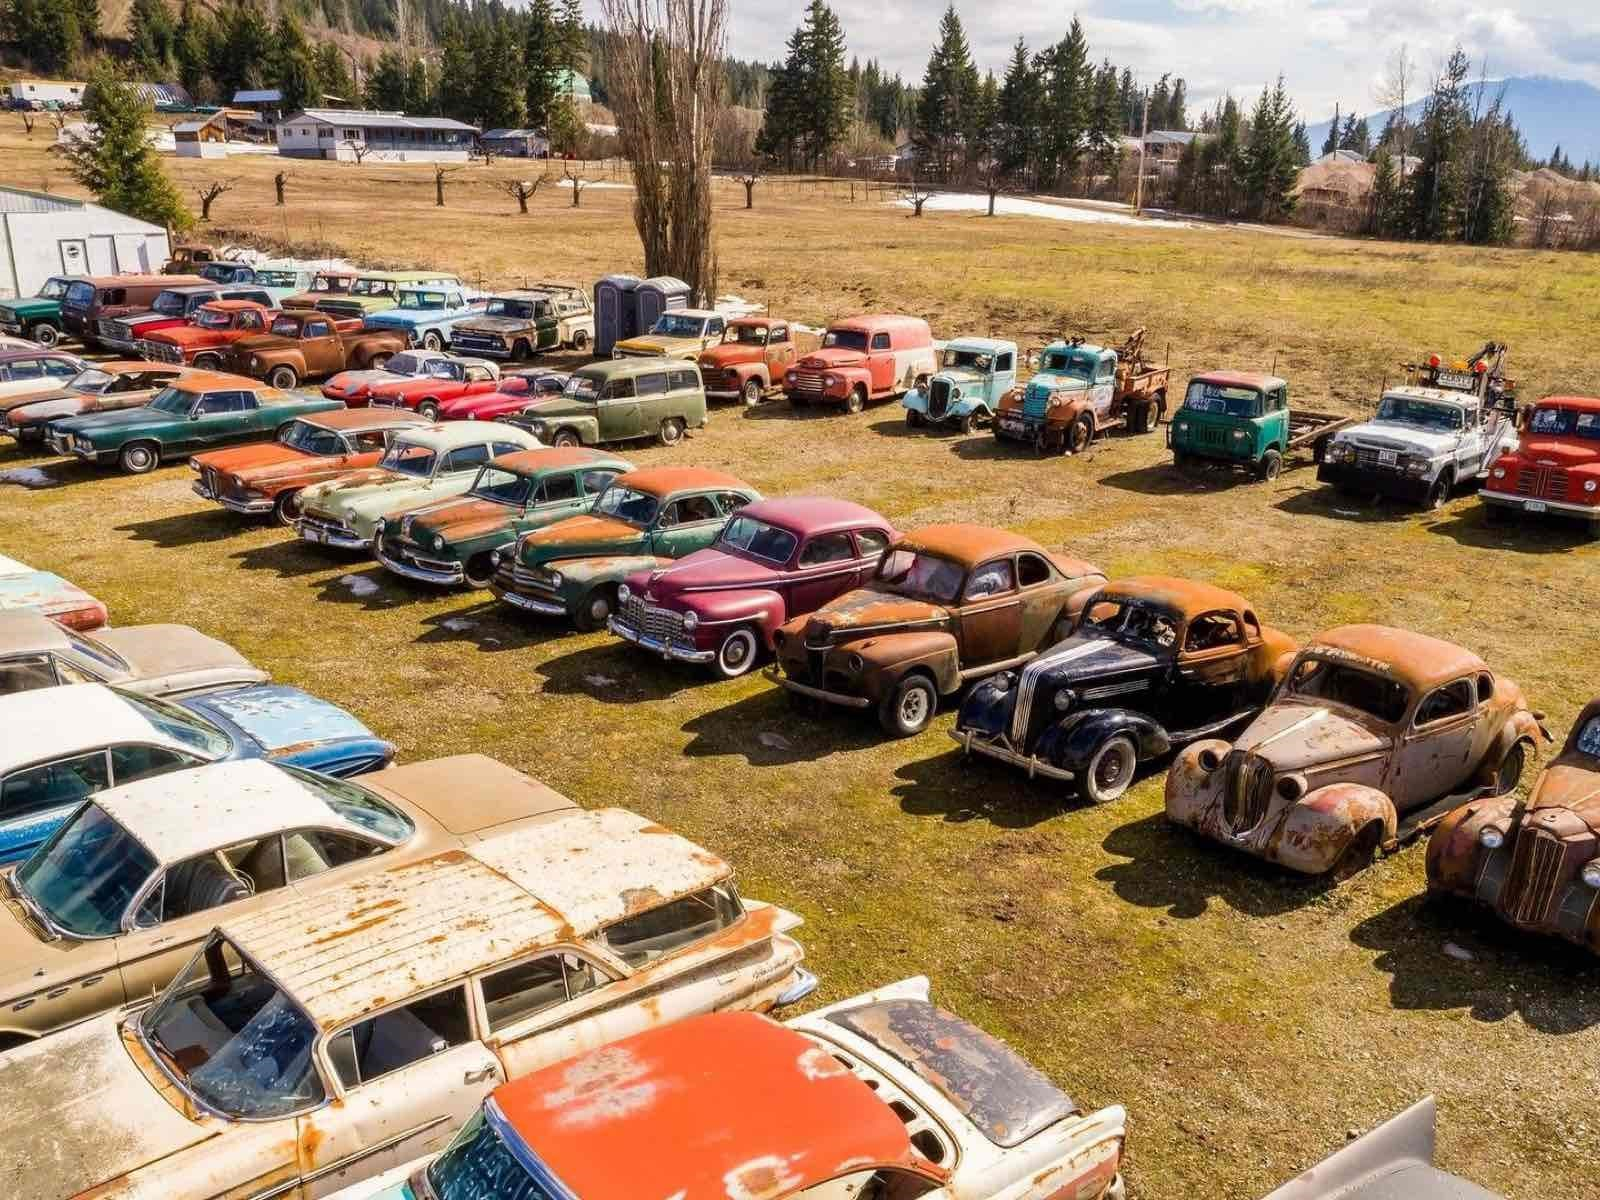 Terreno sale a la venta con 340 carros clásicos incluidos